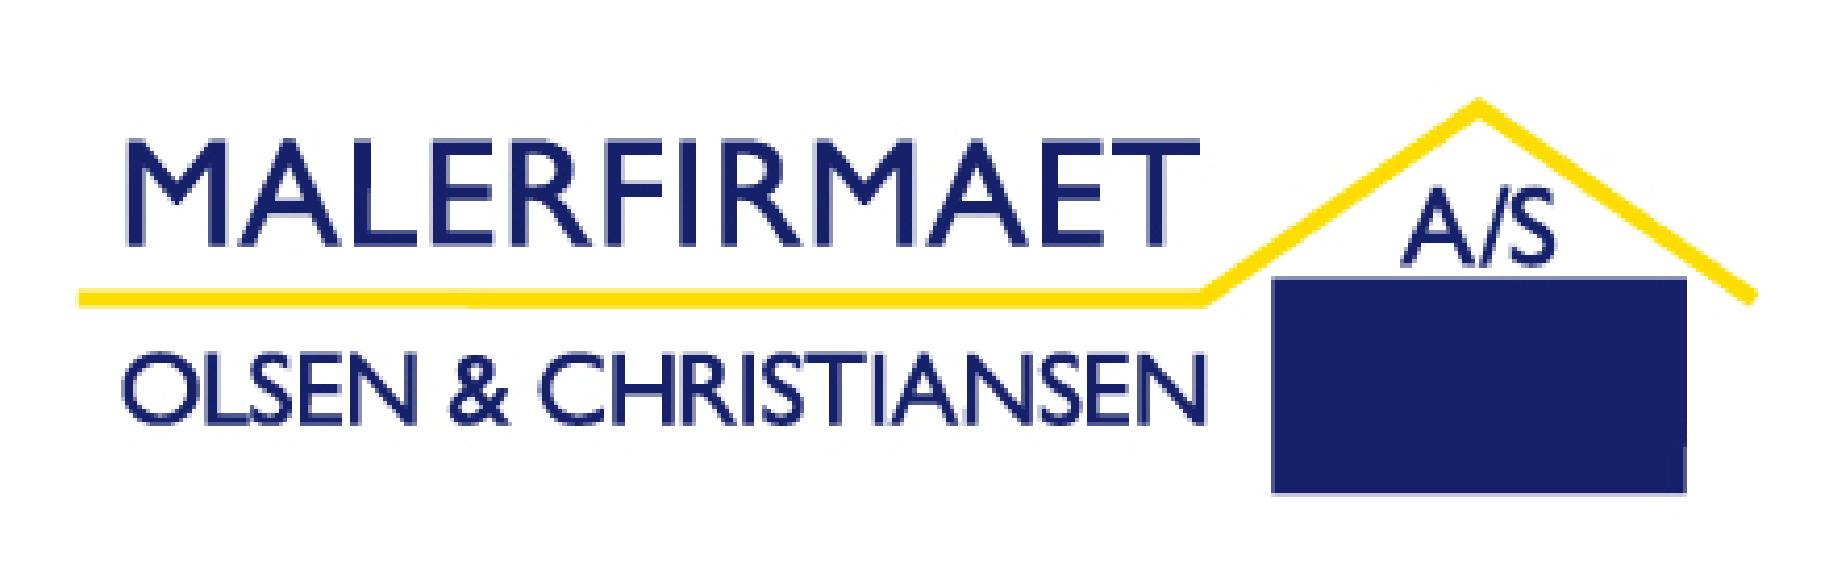 Malerfirmaet Olsen & Christiansen A/S